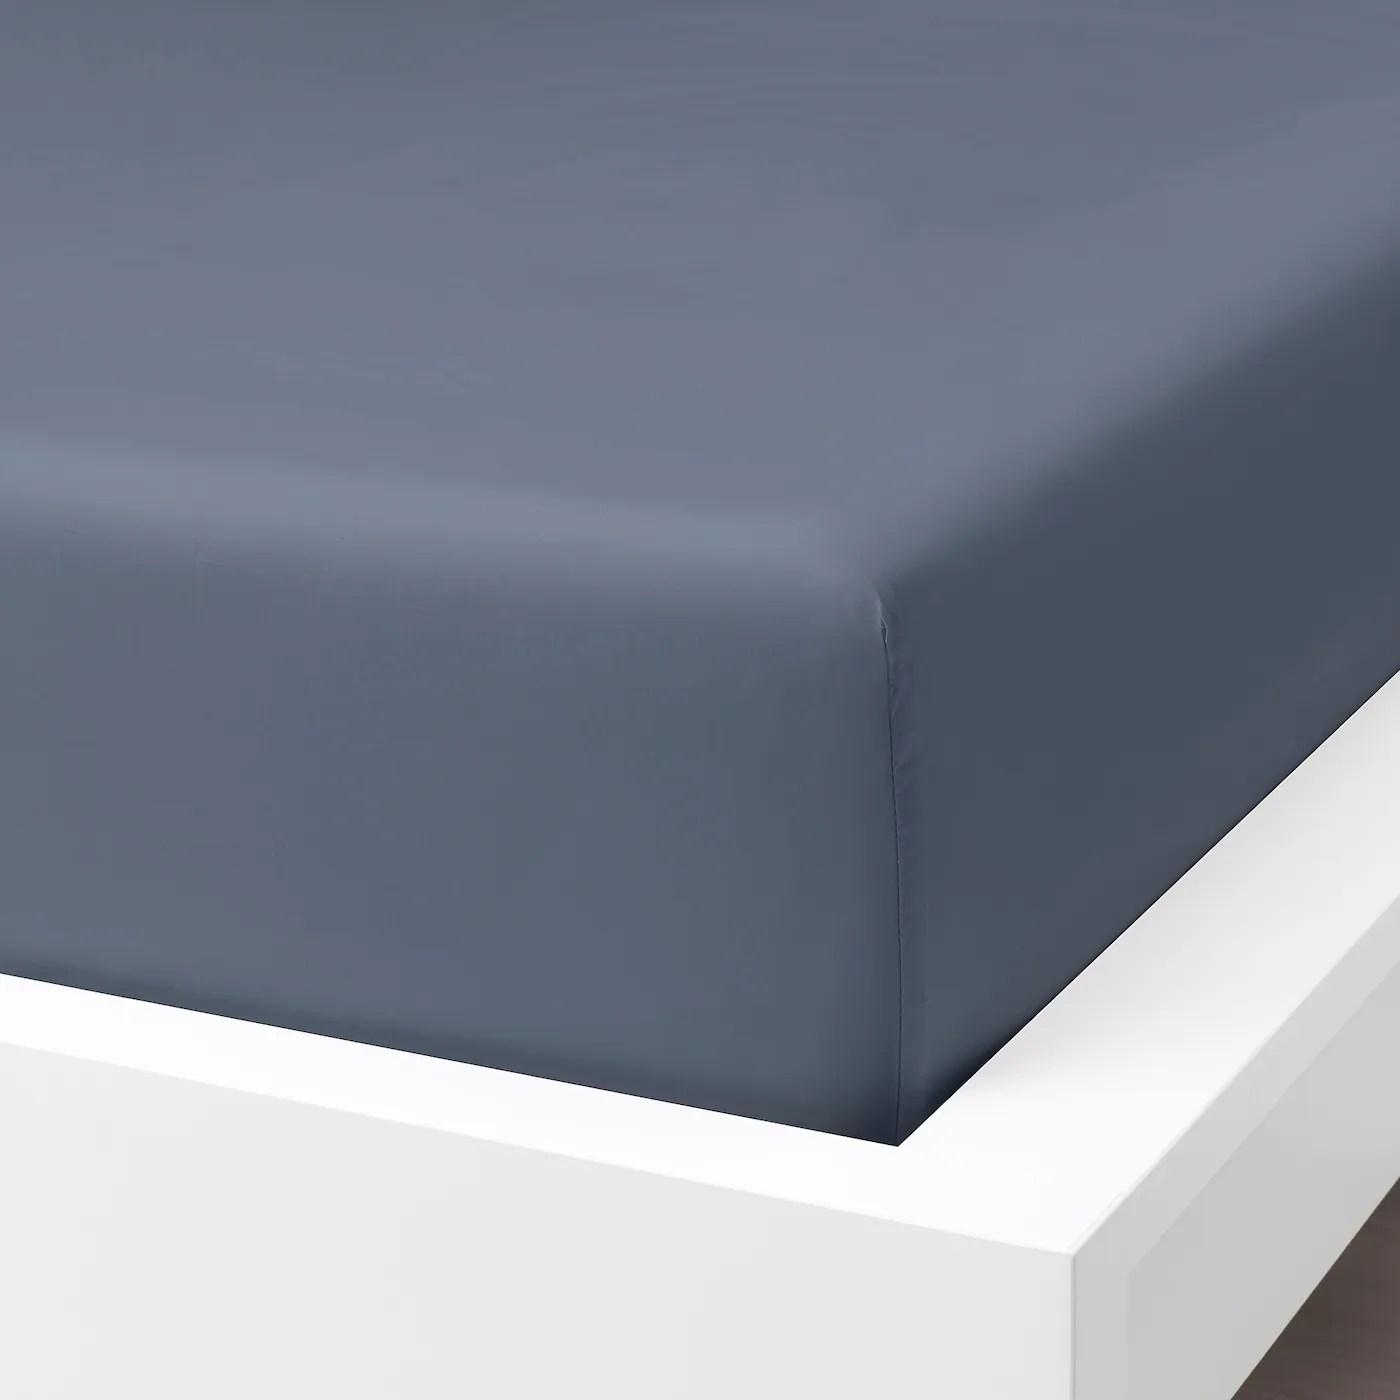 Somntuta Drap Housse Gris Bleu 90x200 Cm Materiau Durable Ikea